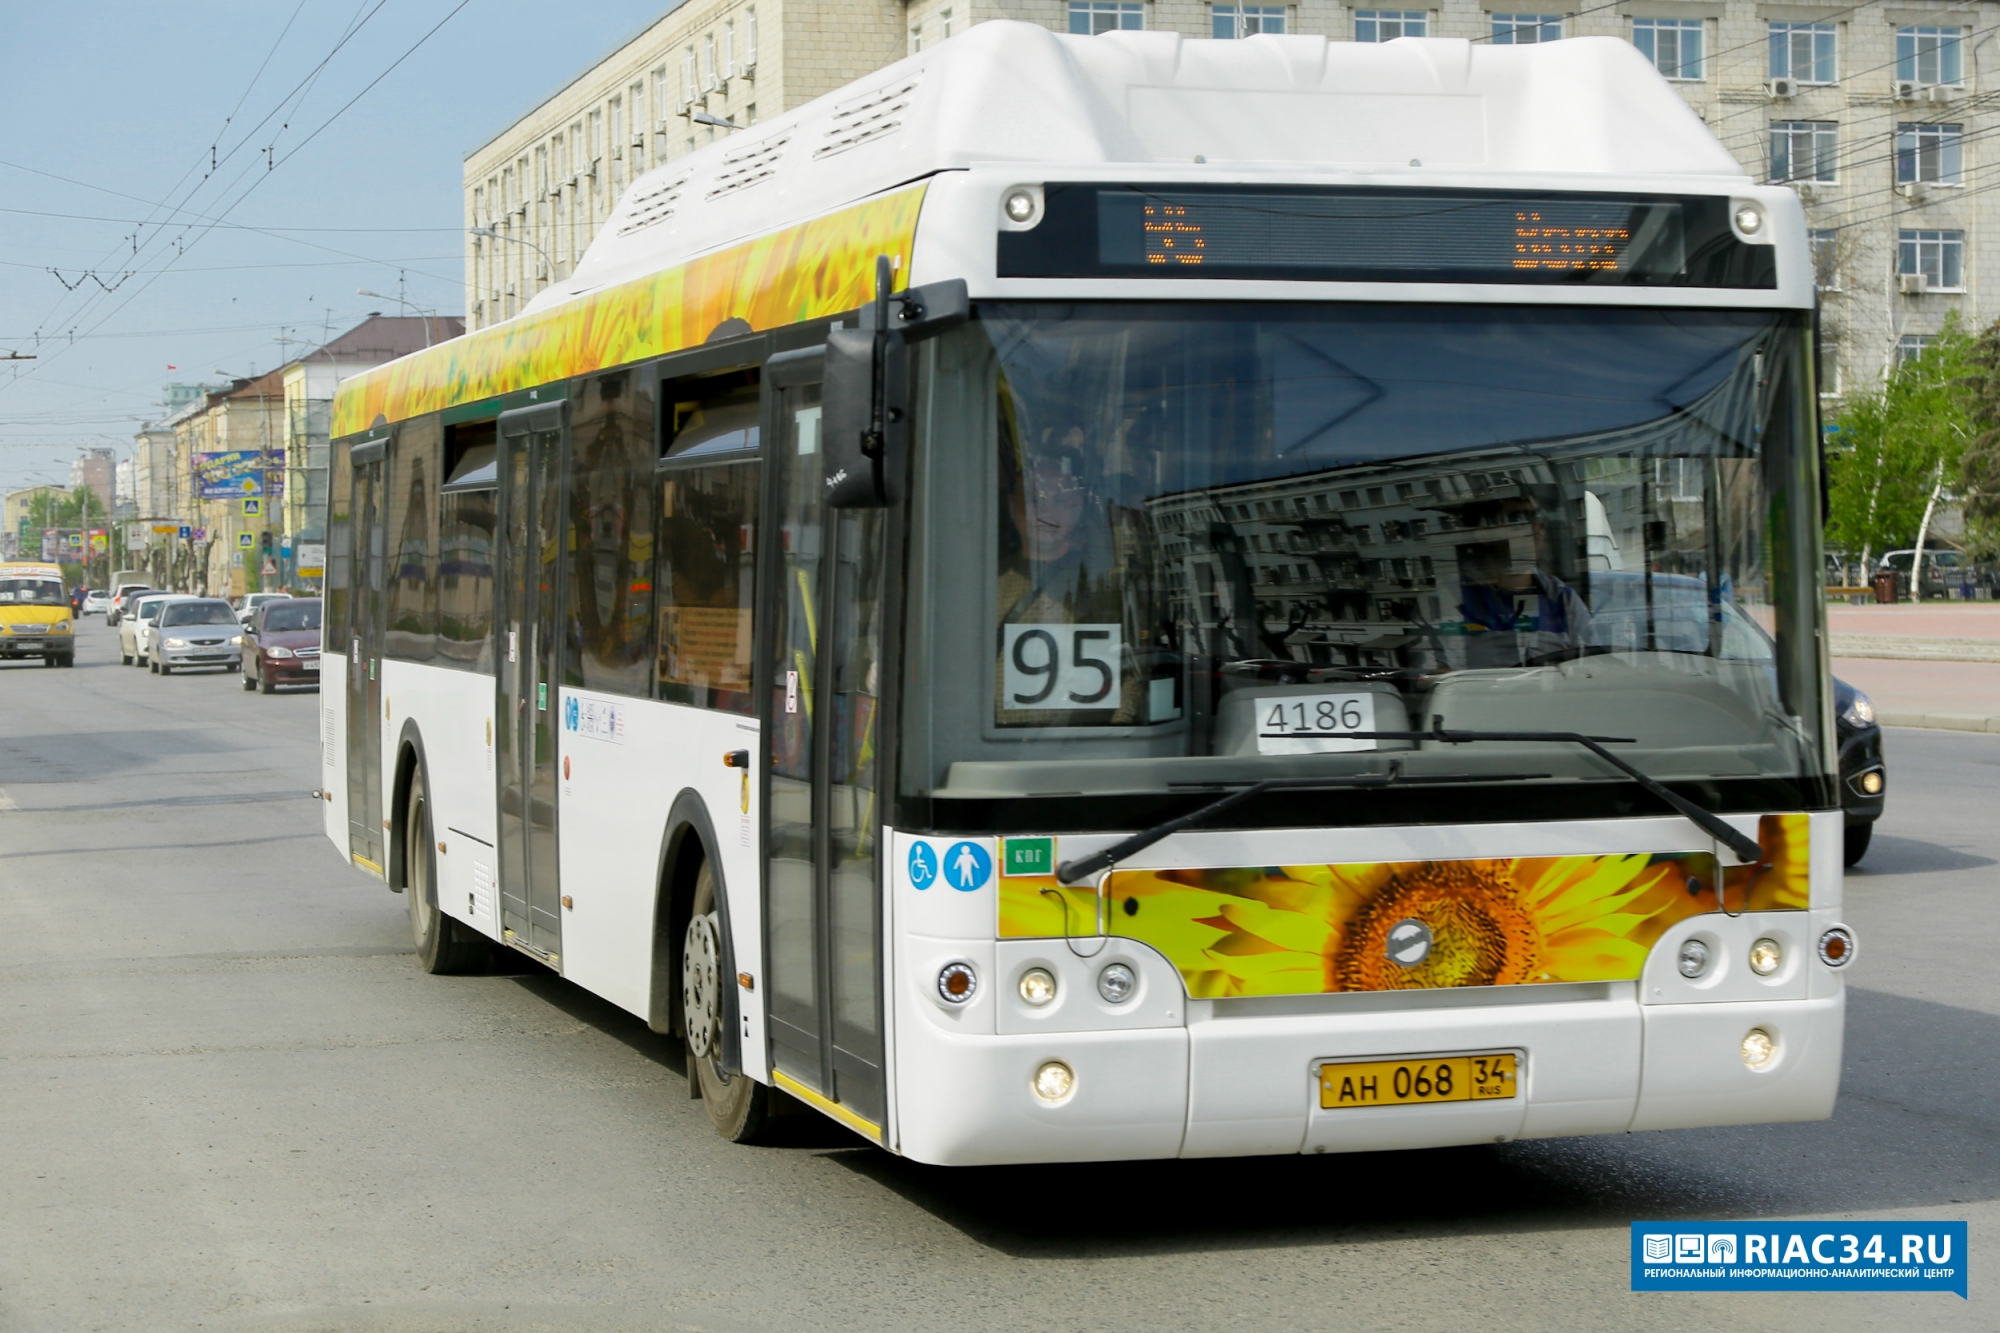 ВВолгограде автобус №95 может поменять маршрут